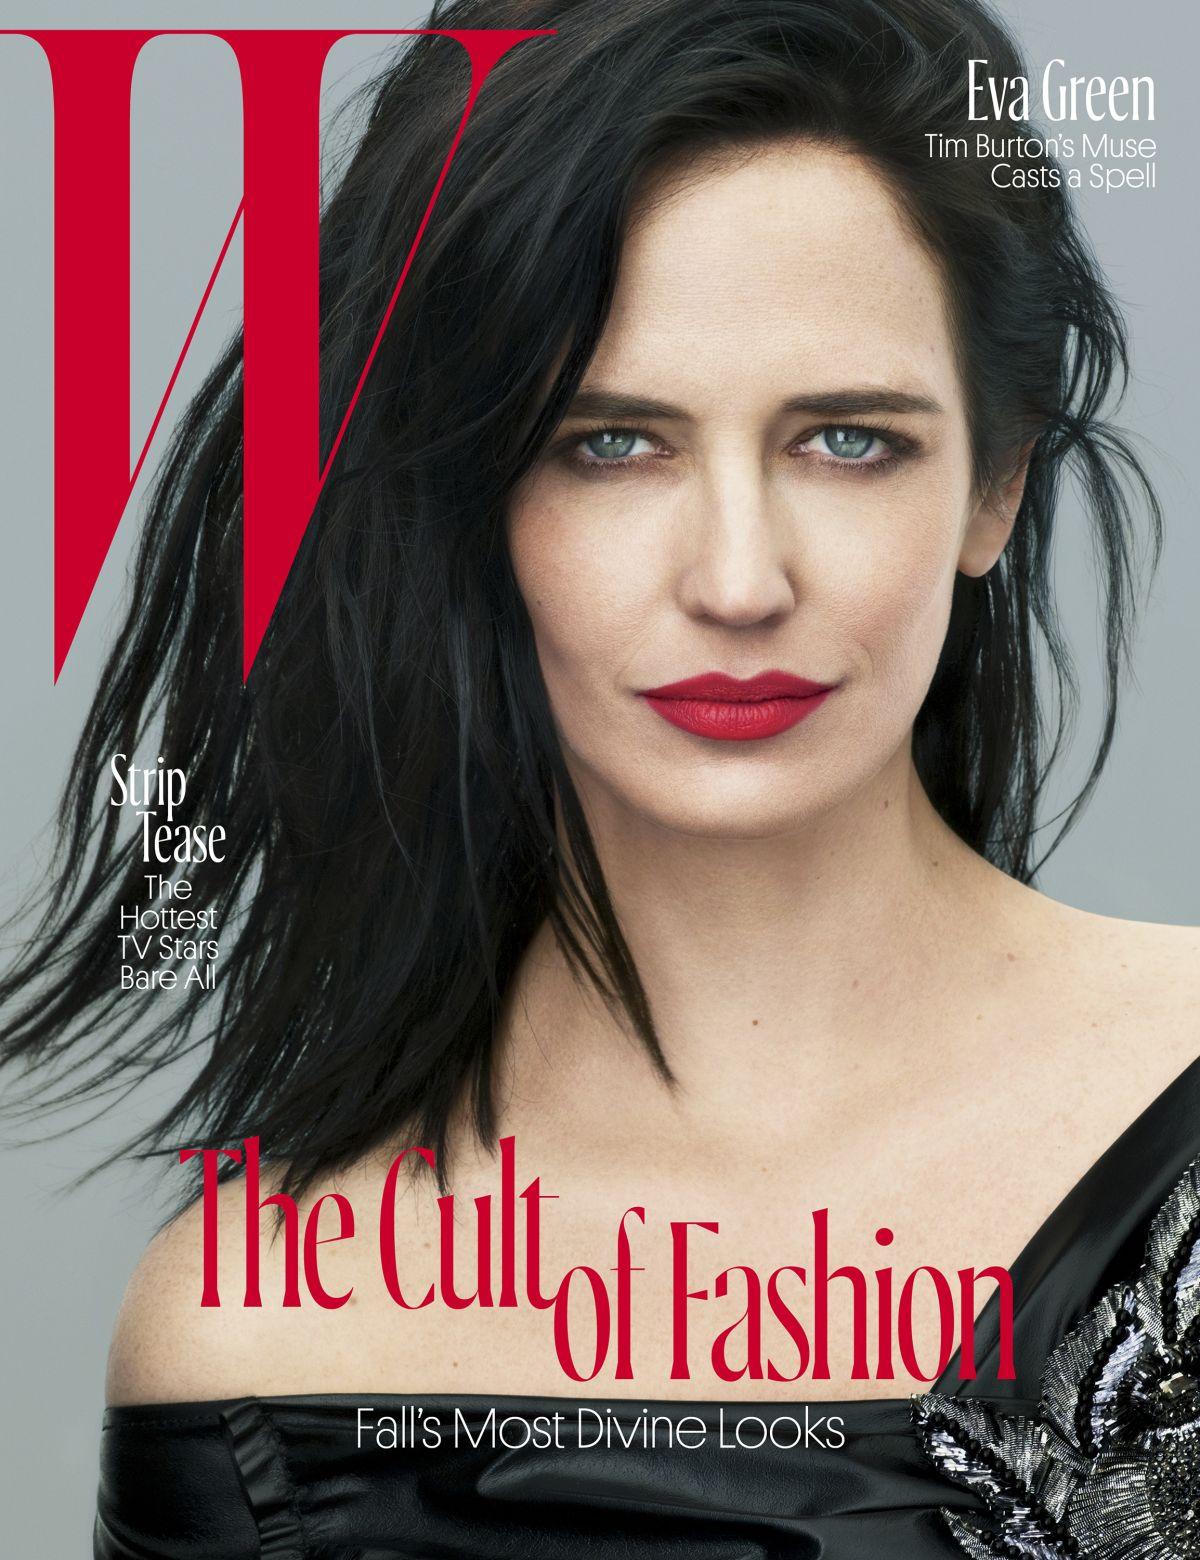 EVA GREEN in W Magazine, August 2016 Issue